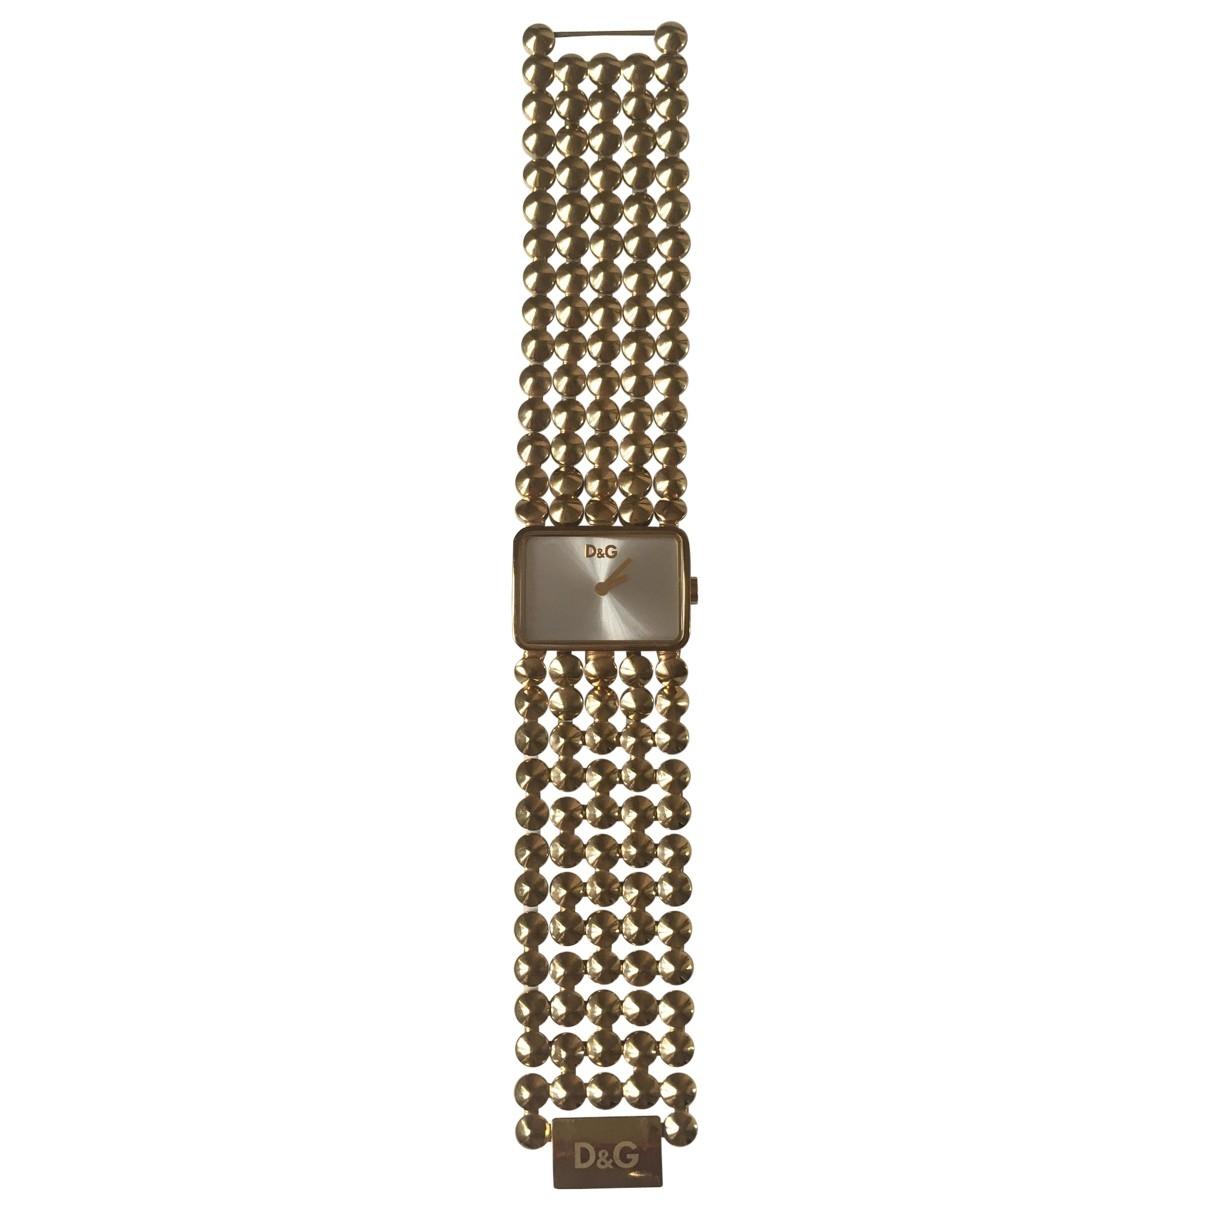 D&g \N Gold Steel watch for Women \N